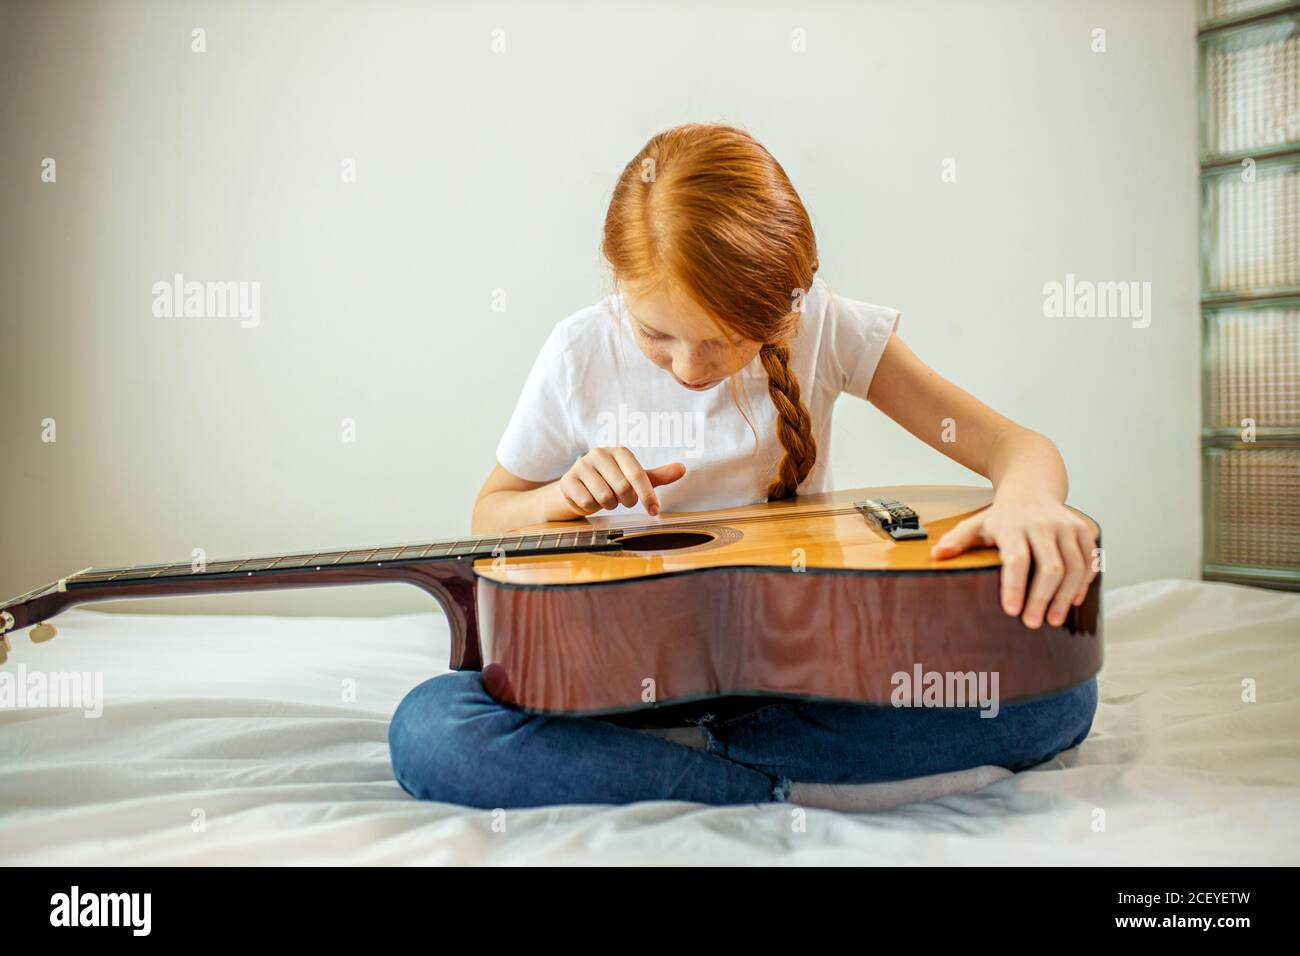 lindo niño adorable blogger tocar la guitarra, hablar con la cámara cómo aprendió a tocar la guitarra acústica, ella es autodidacta Foto de stock